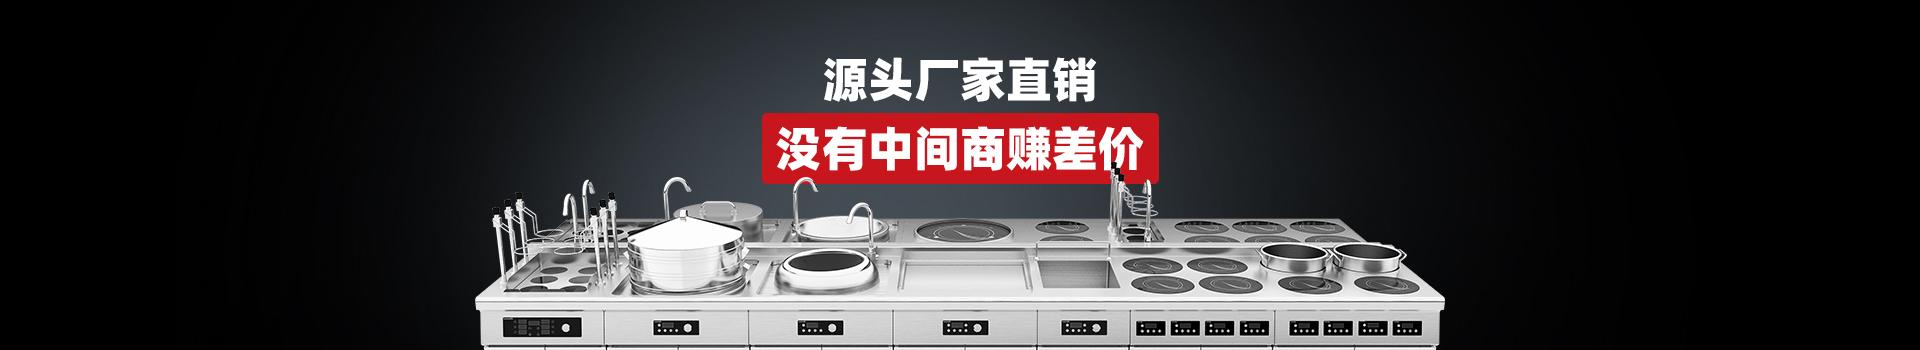 良灶电磁烹饪设备 · 我们不一样